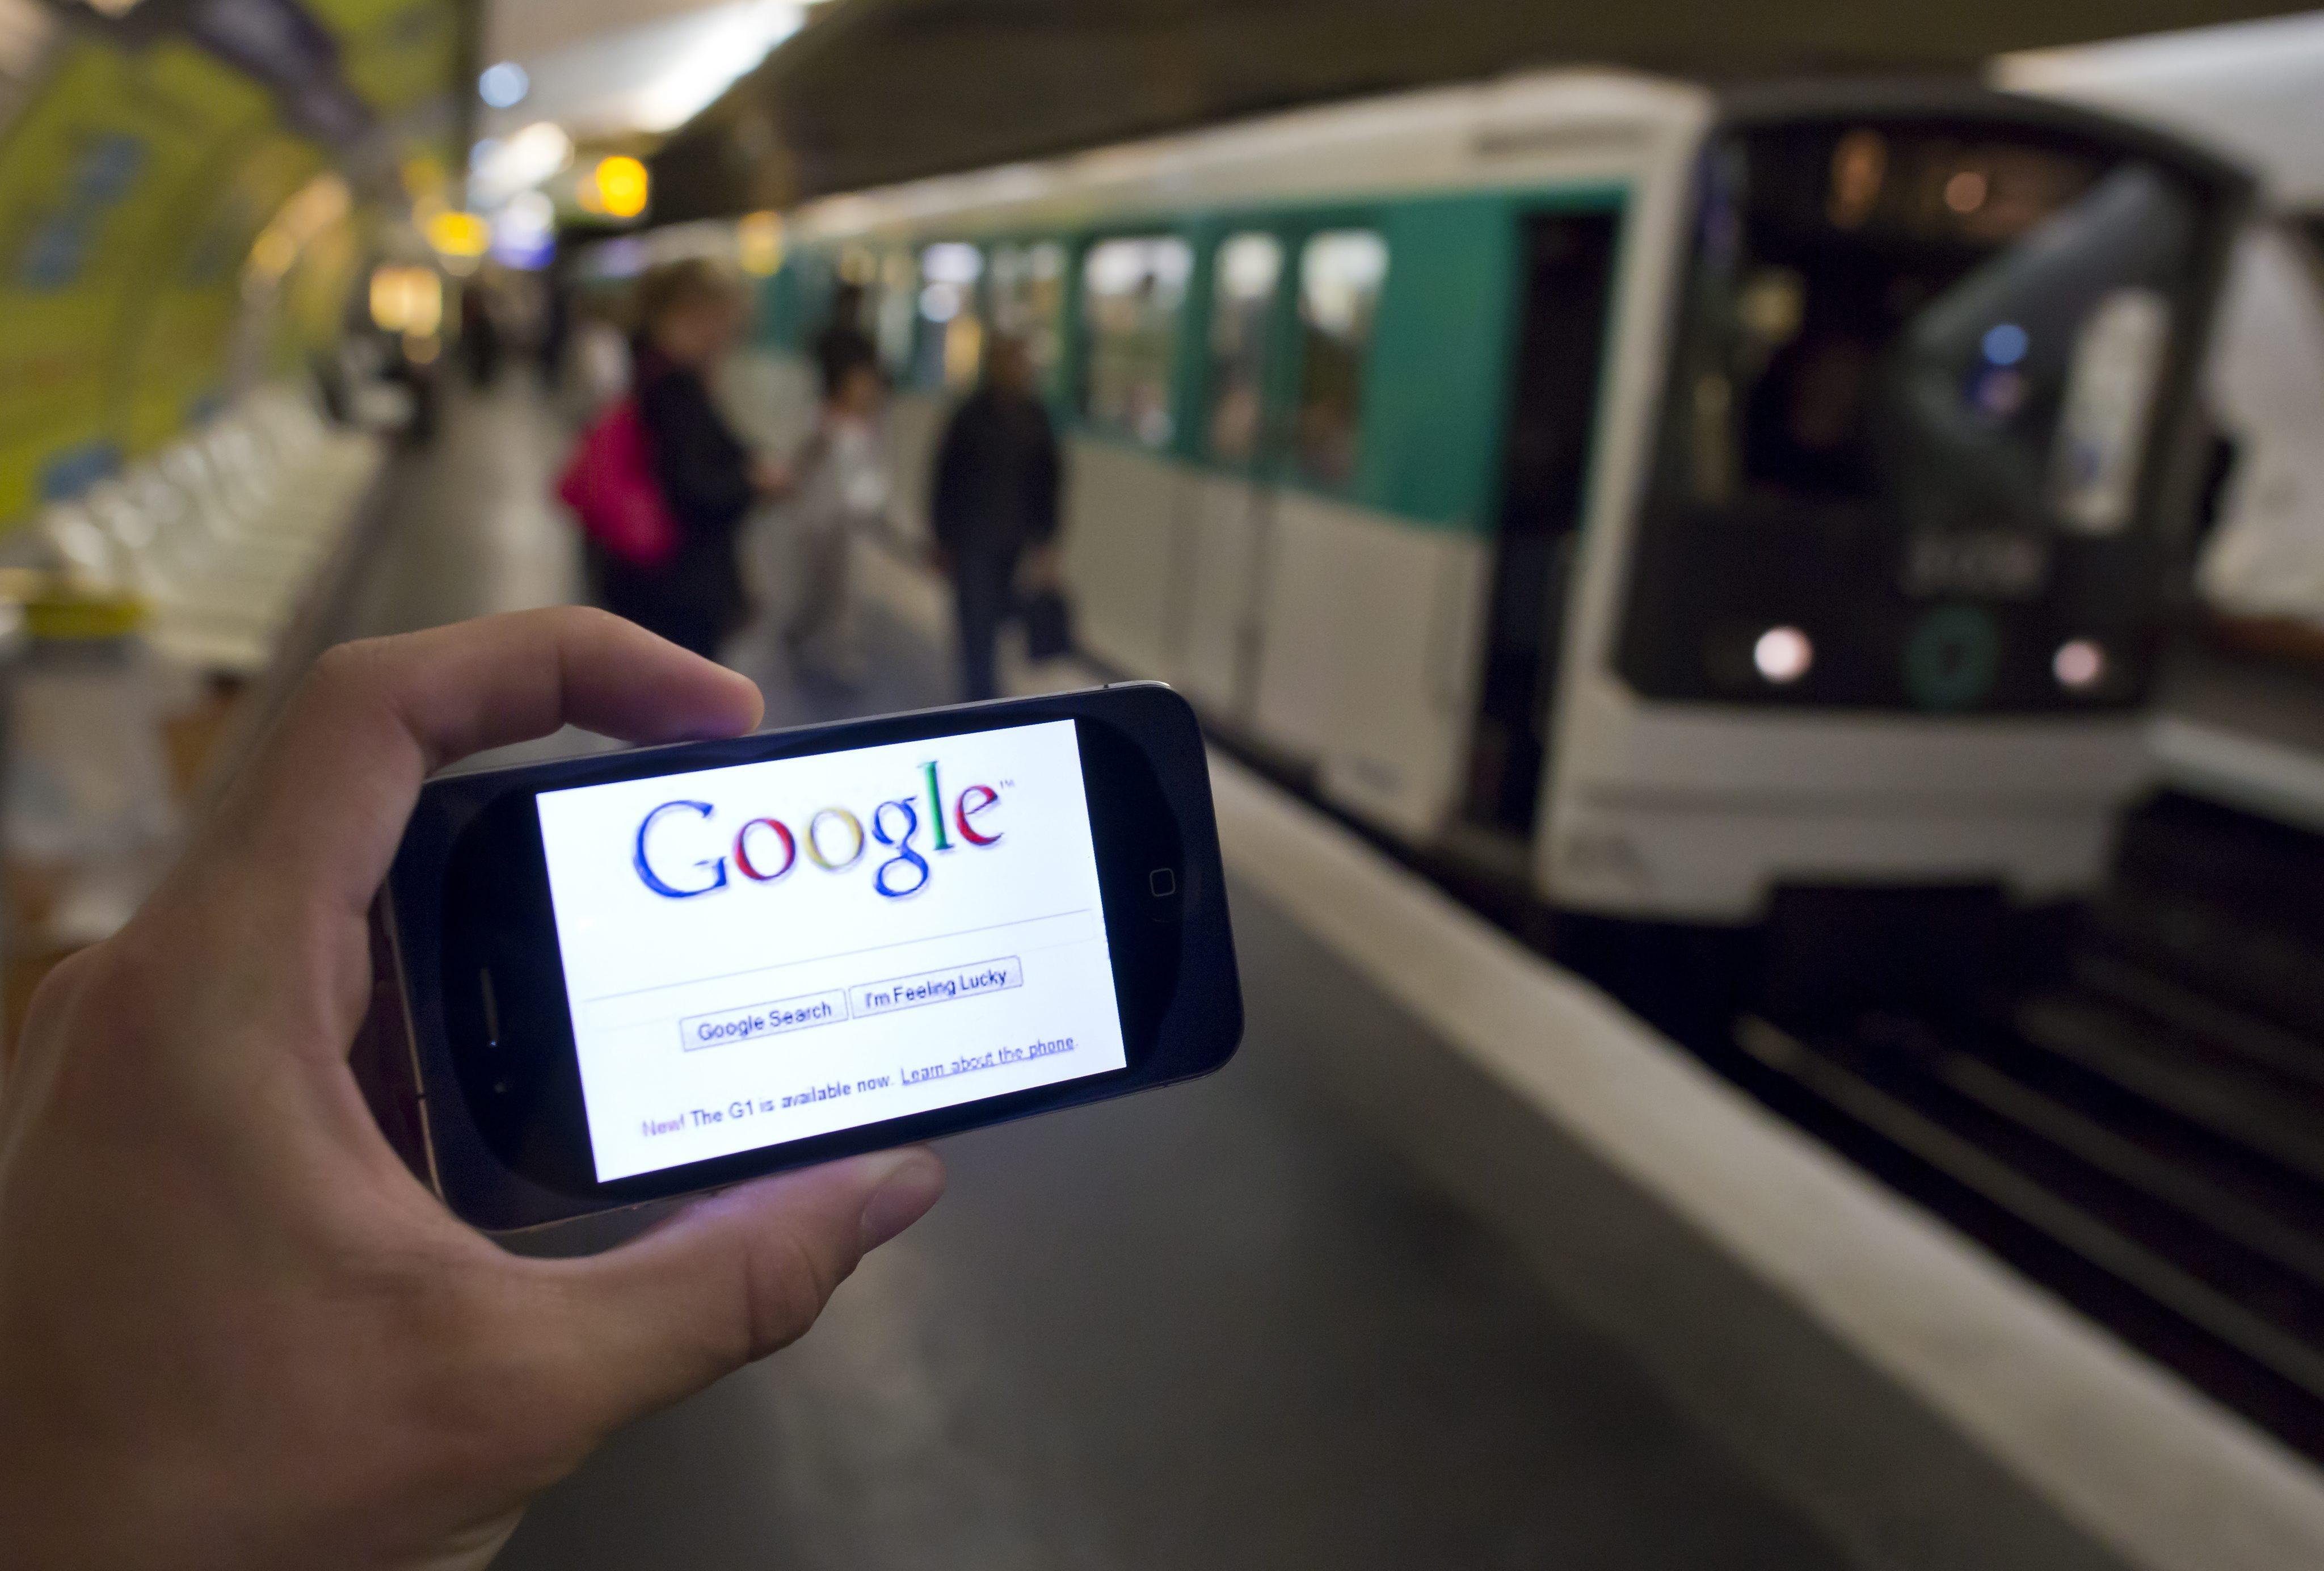 Гласовото търсене на Google превъзхождало Siri